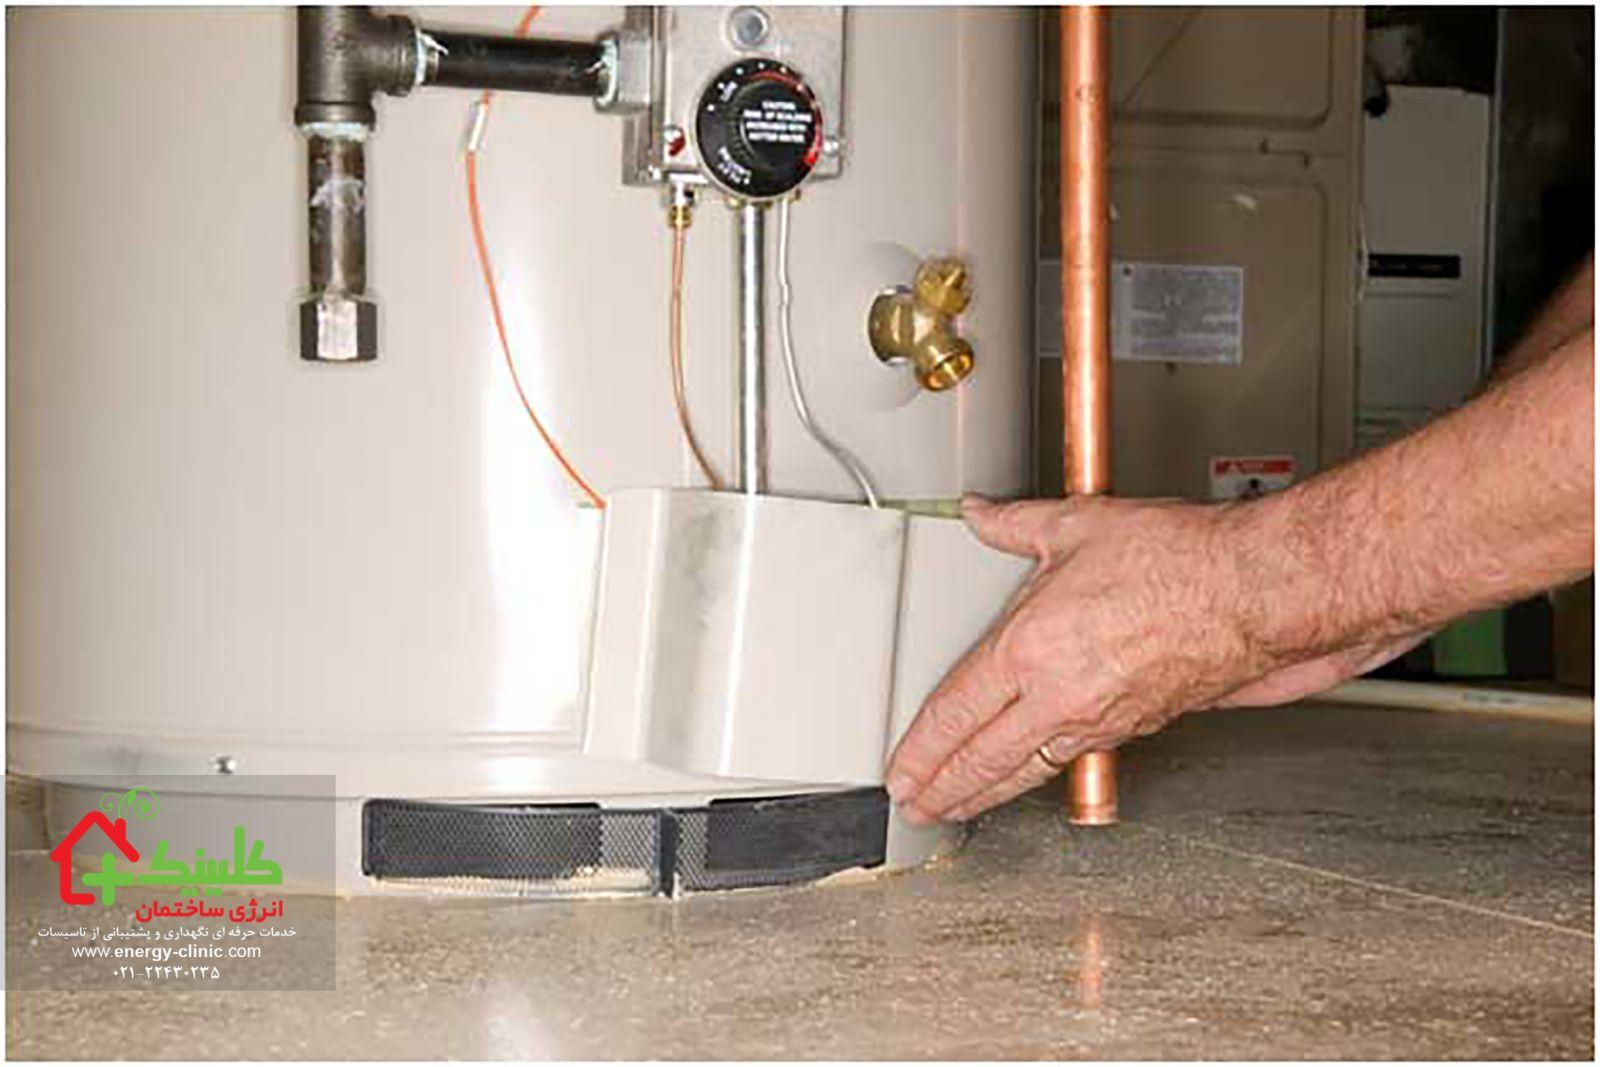 یافتن راهی برای کاهش مصرف آب گرم